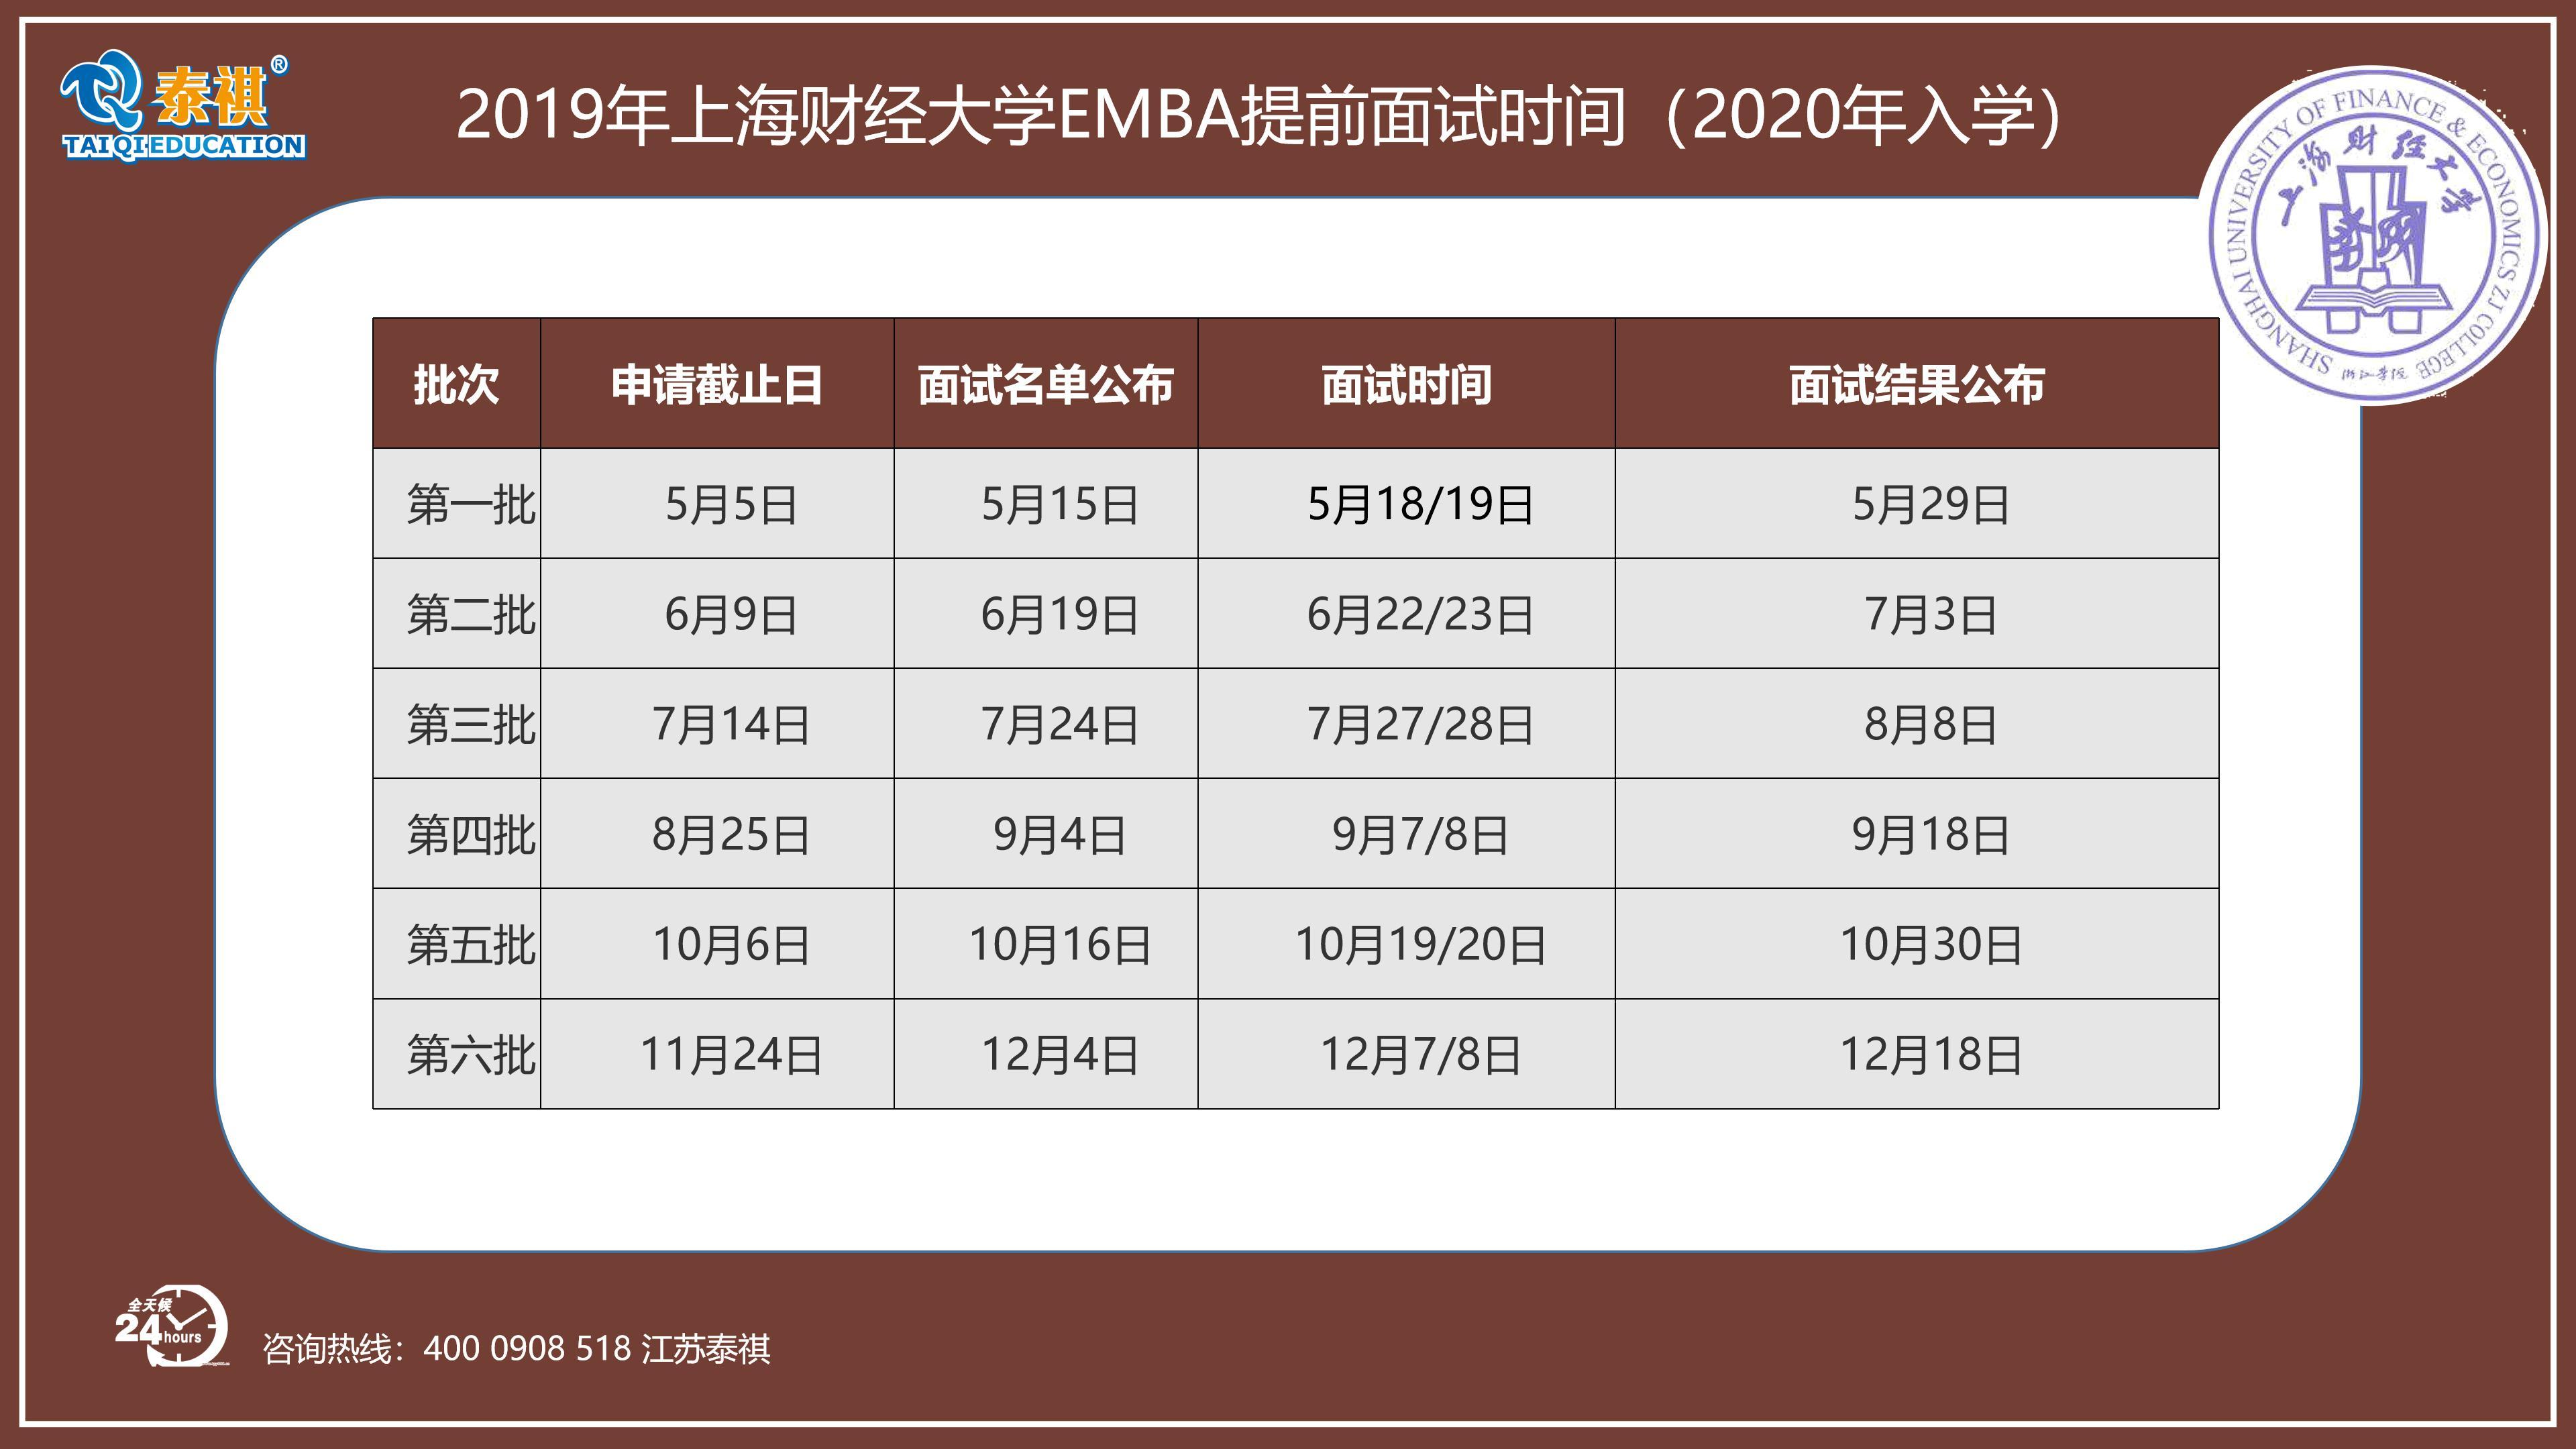 苏沪地区EMBA提前面试时间